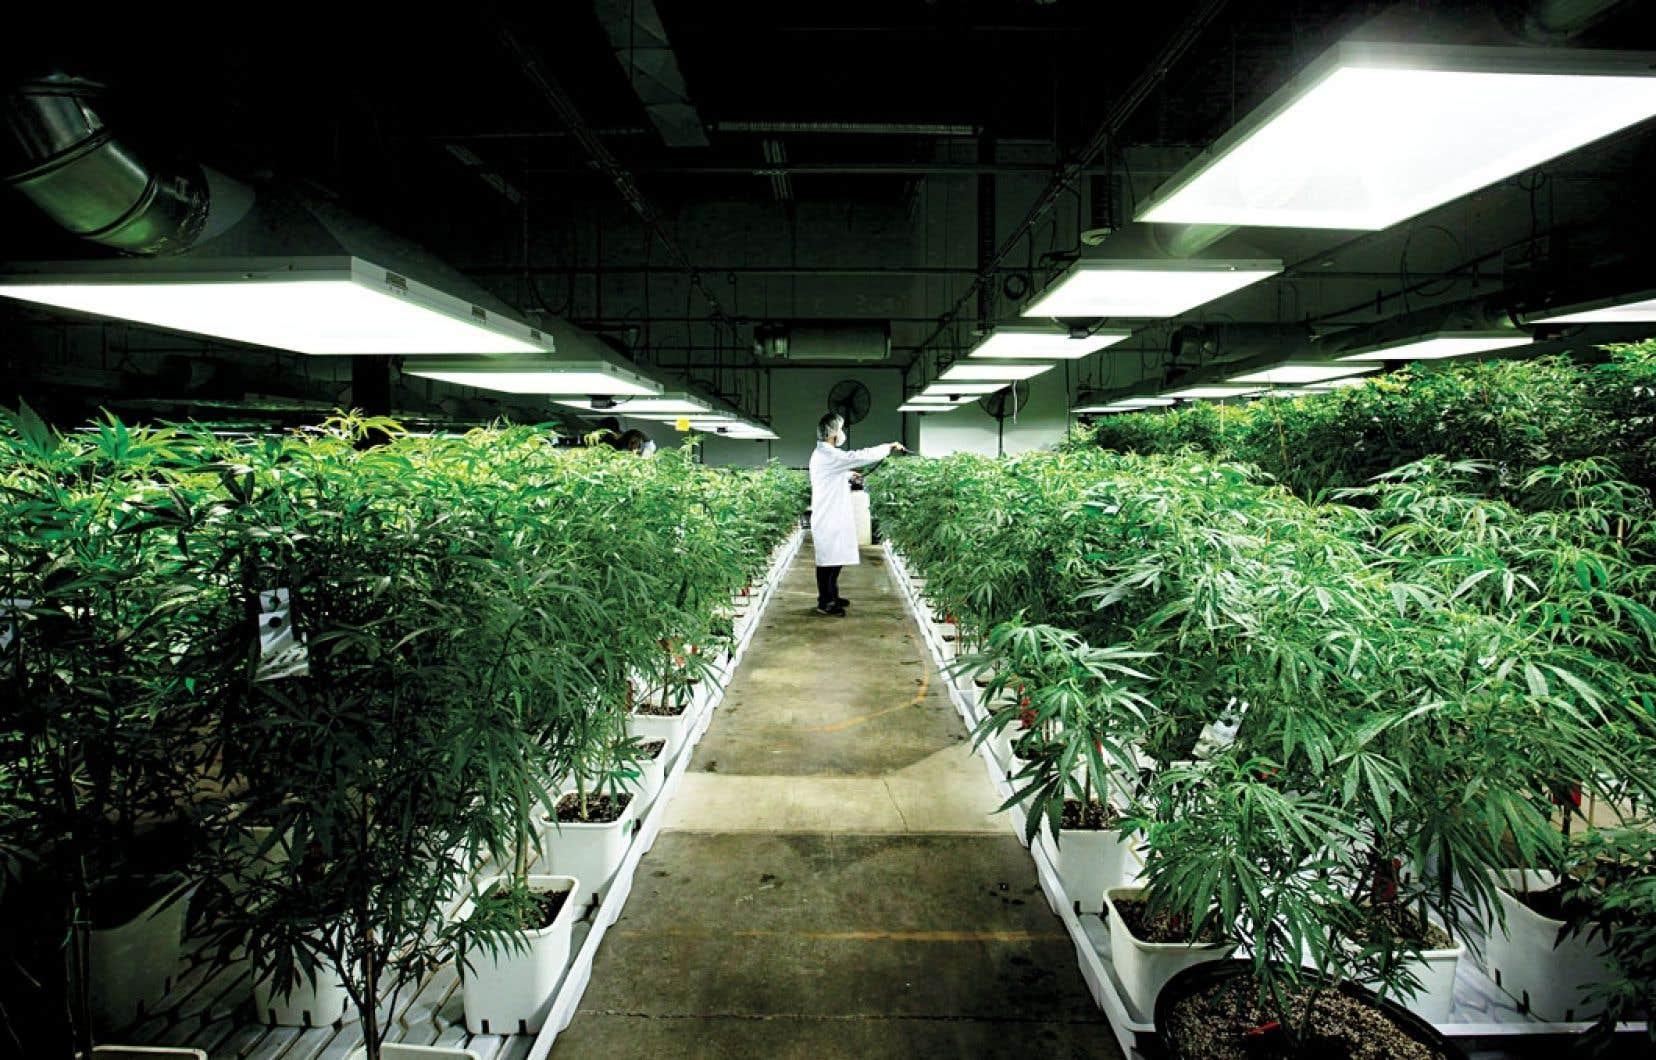 L'entreprise MediJean produit de la marijuana à des fins thérapeutiques dans ses installations de Richmond, en Colombie-Britannique.